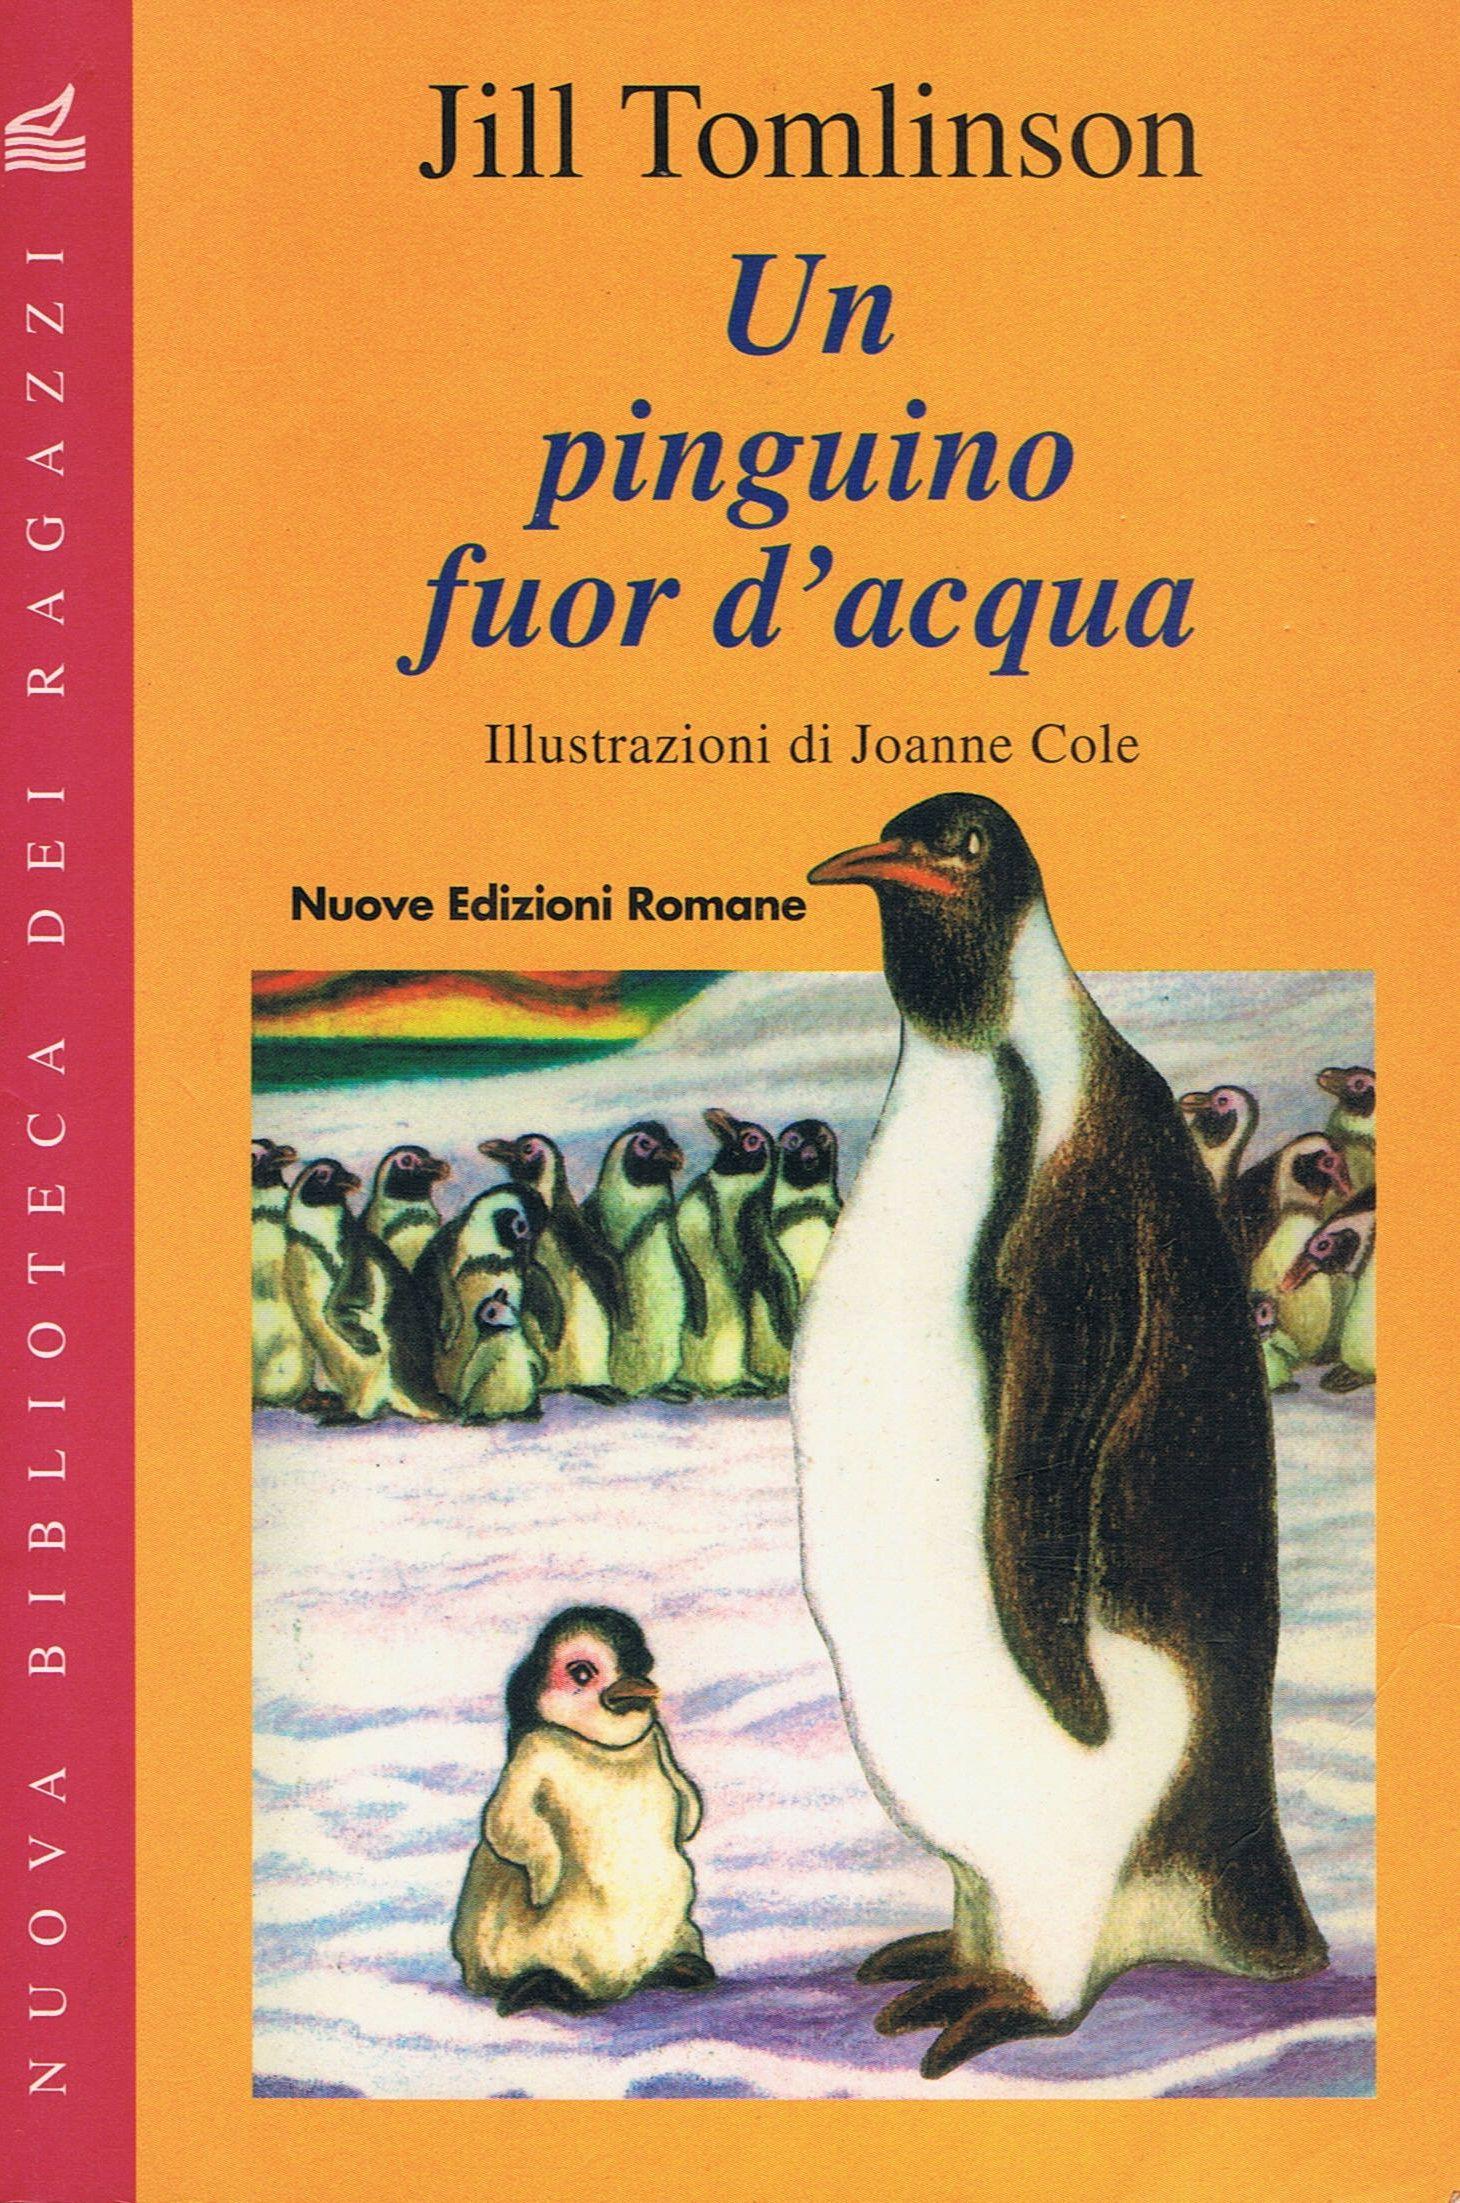 Un pinguino fuor d'acqua